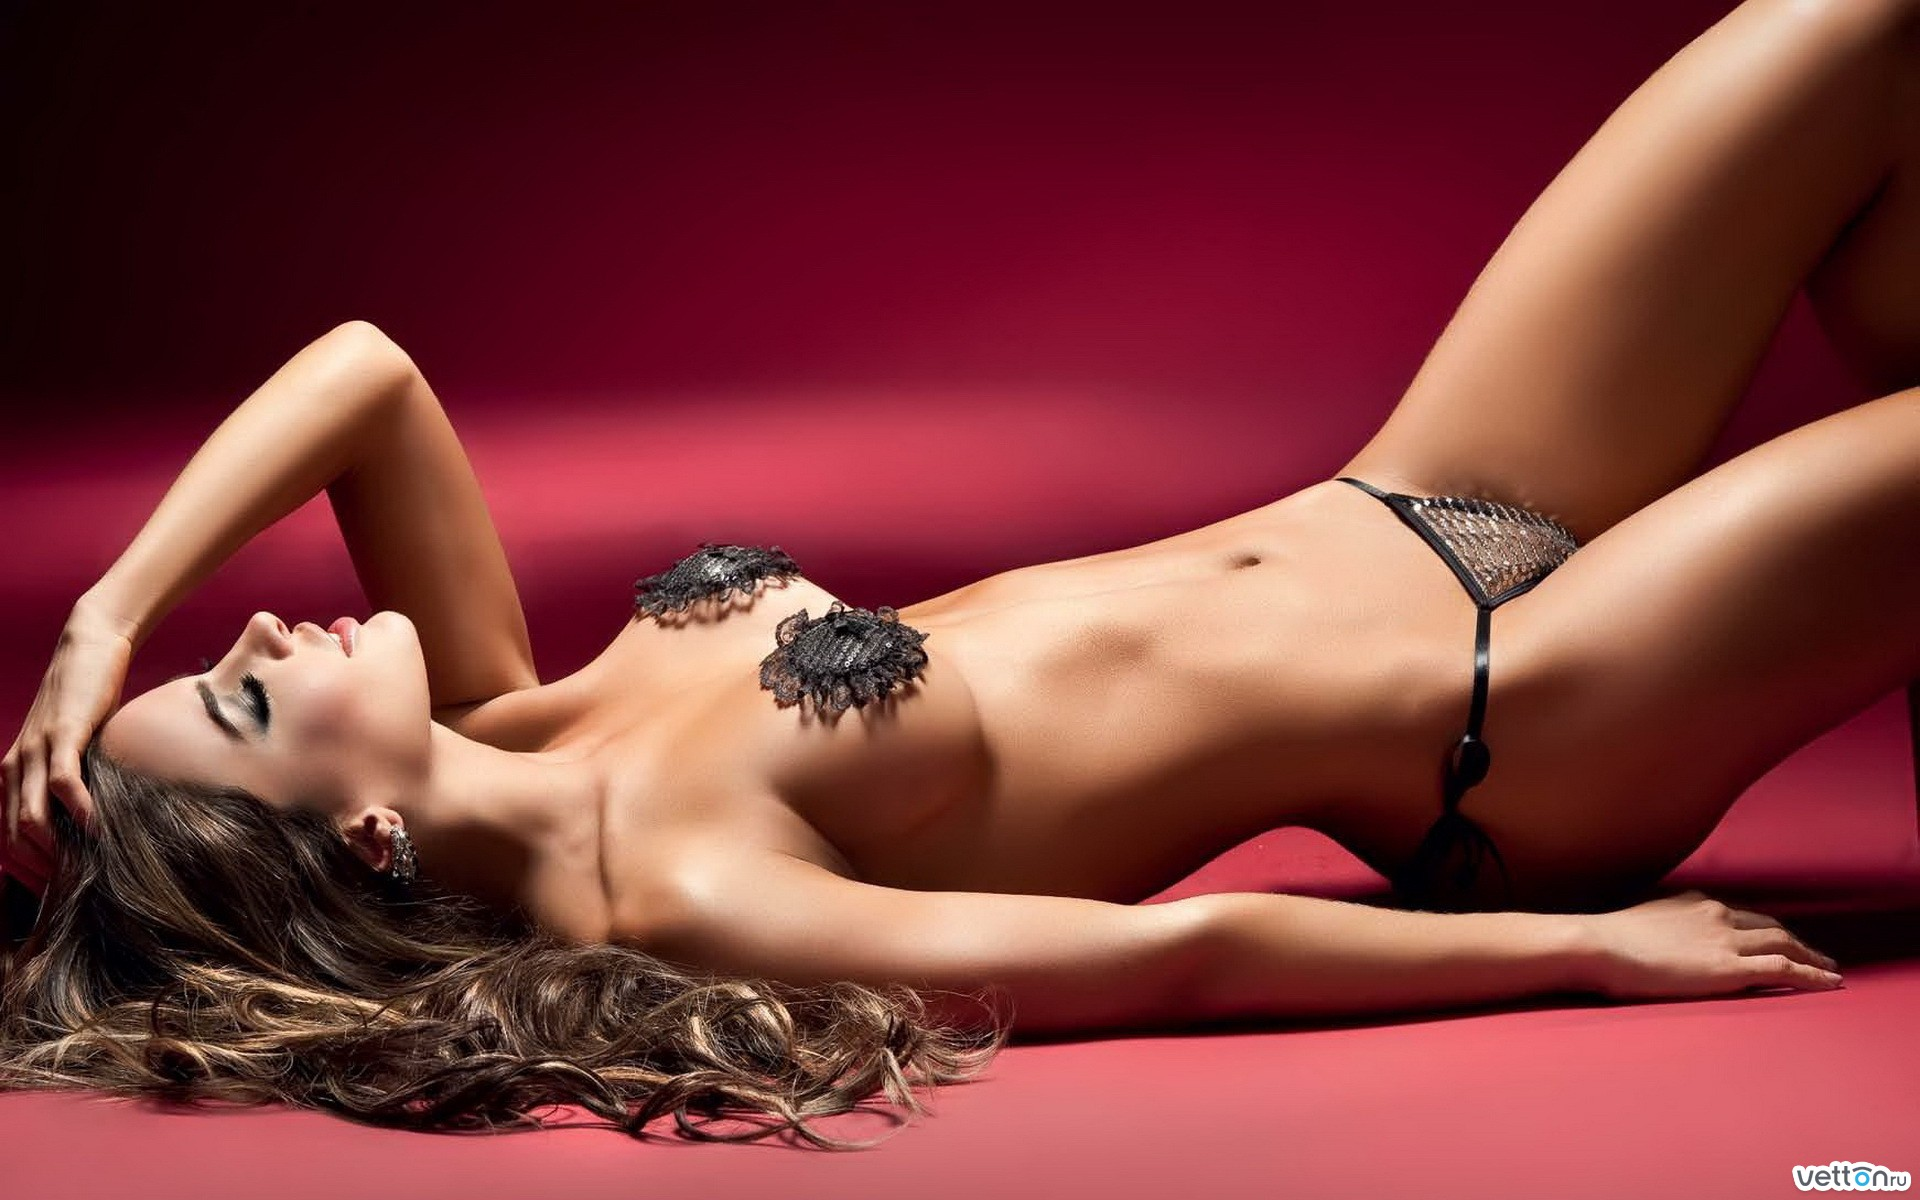 Фото тела женщин 1 фотография